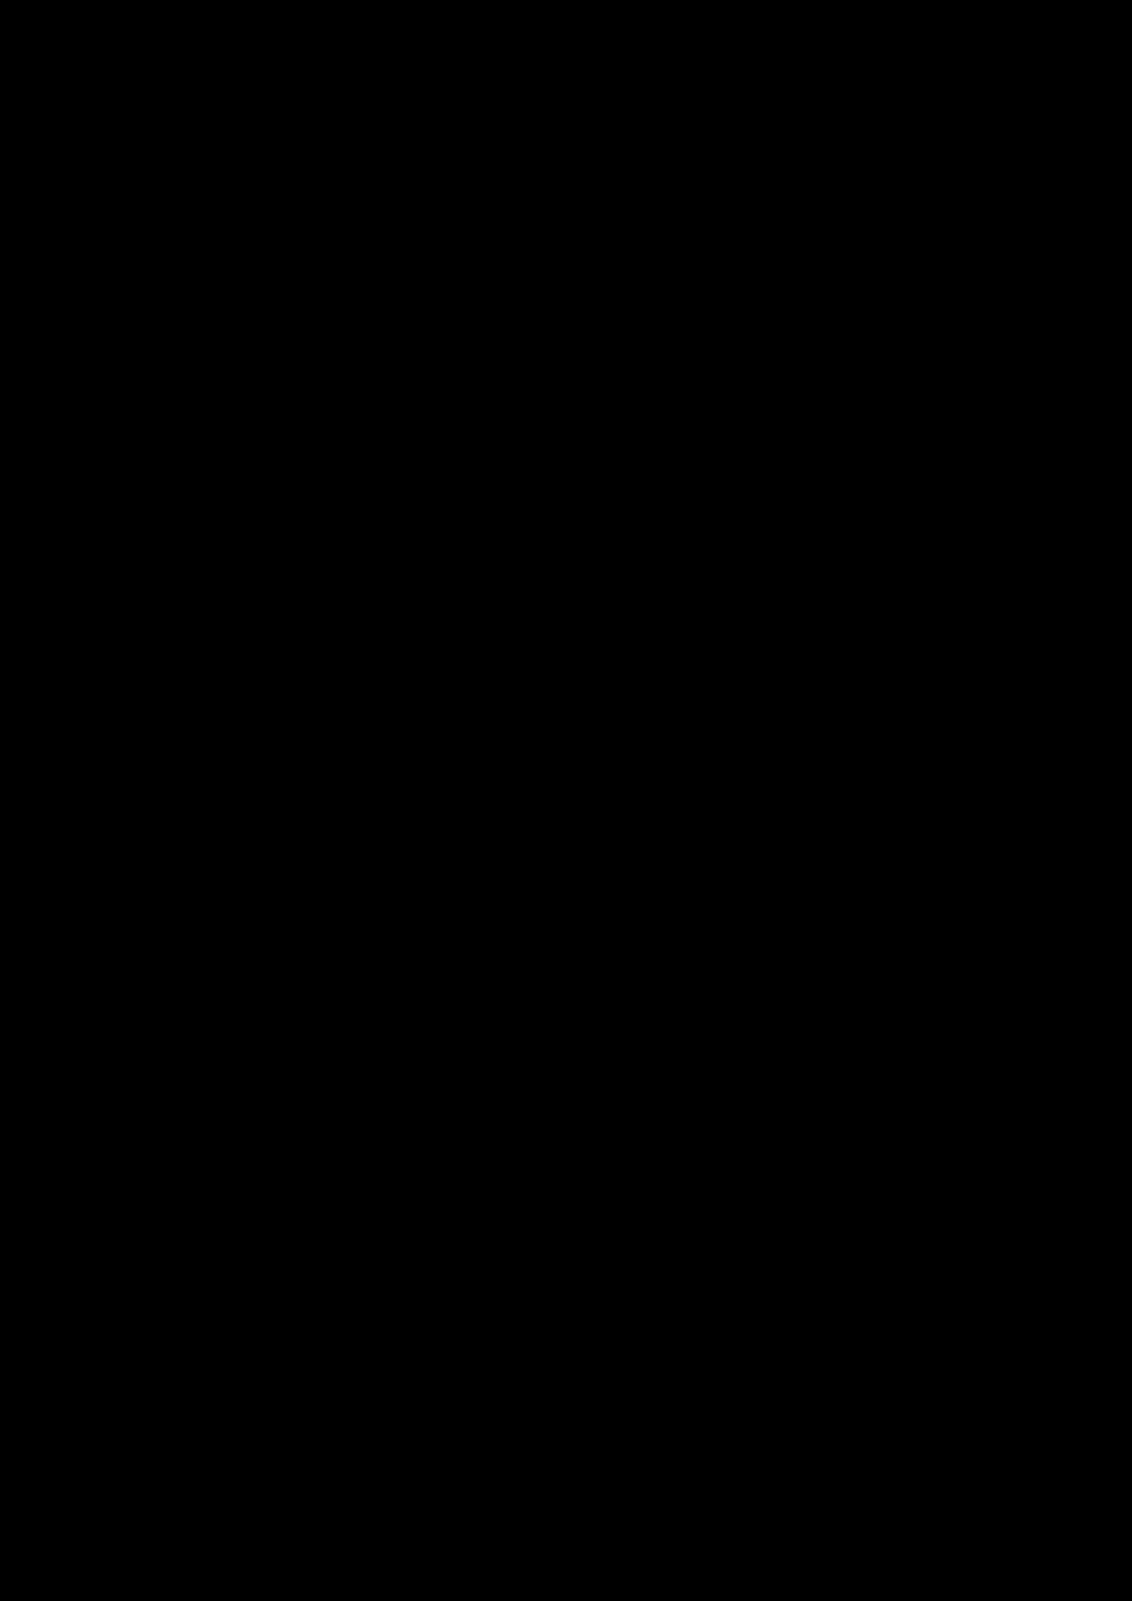 Hools slide, Image 5